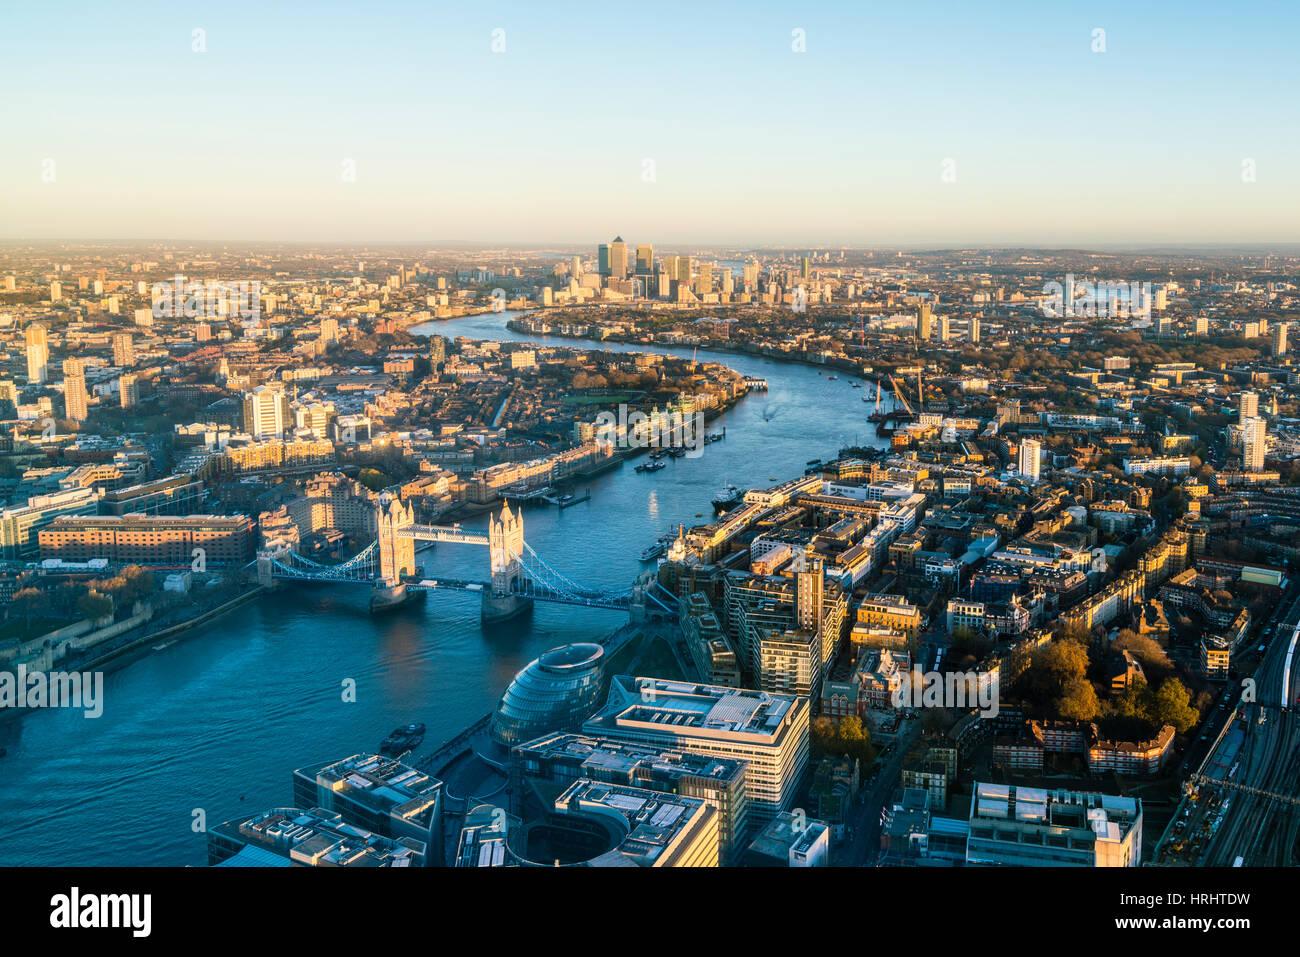 Alta Vista del horizonte de Londres junto al río Támesis desde Tower Bridge hasta Canary Wharf, London, England, Foto de stock